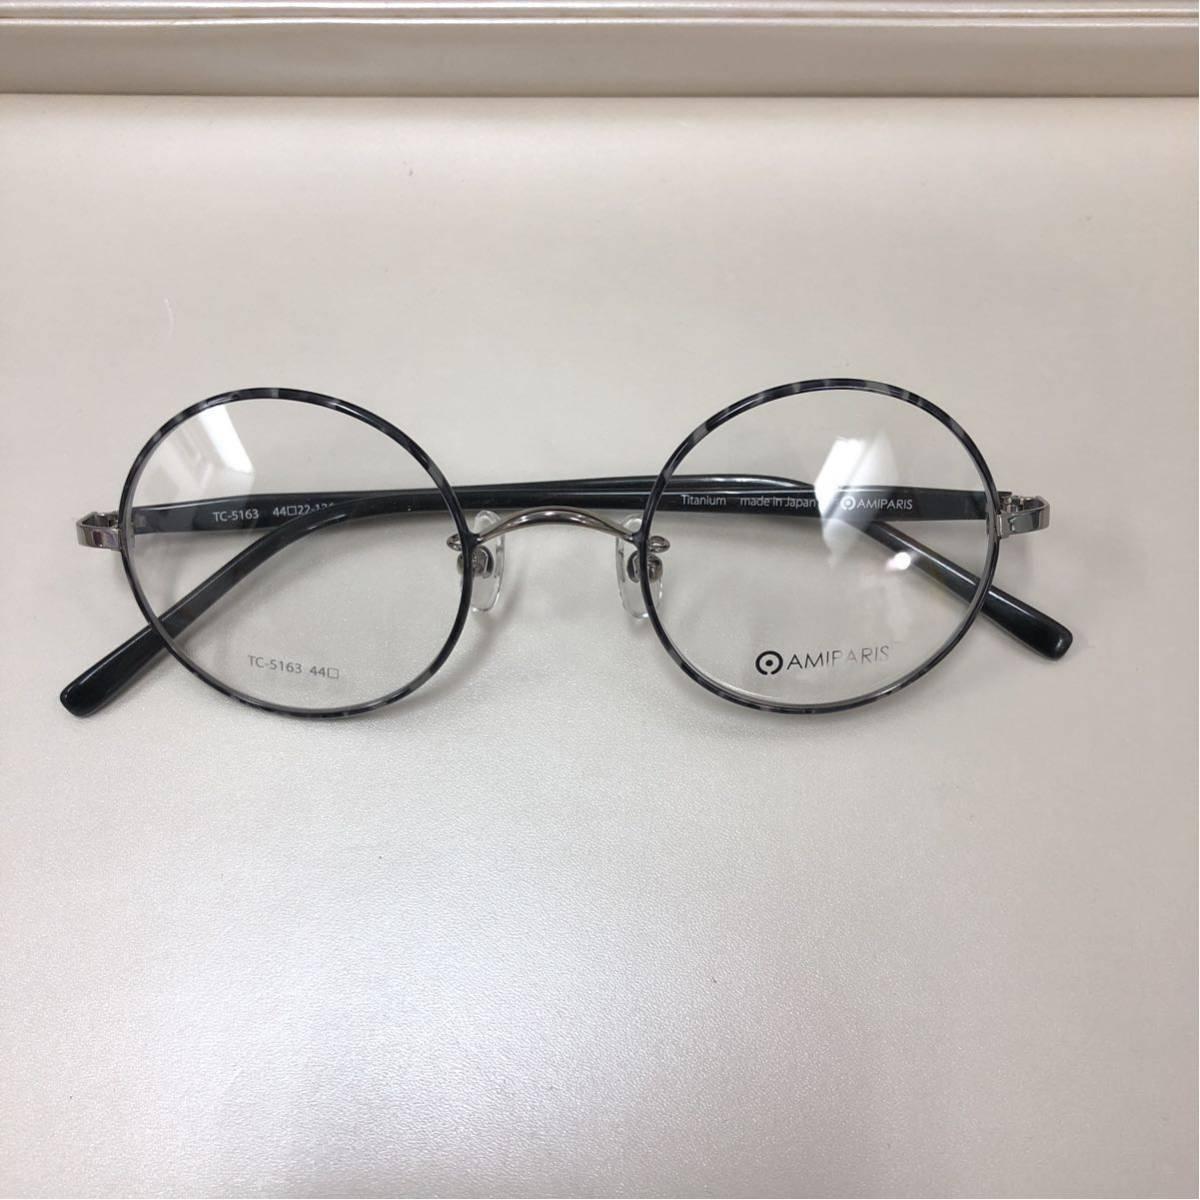 送料無料 AMIPARIS アミパリ 丸メガネ ラウンド 日本製 定価25,900円 Titainium